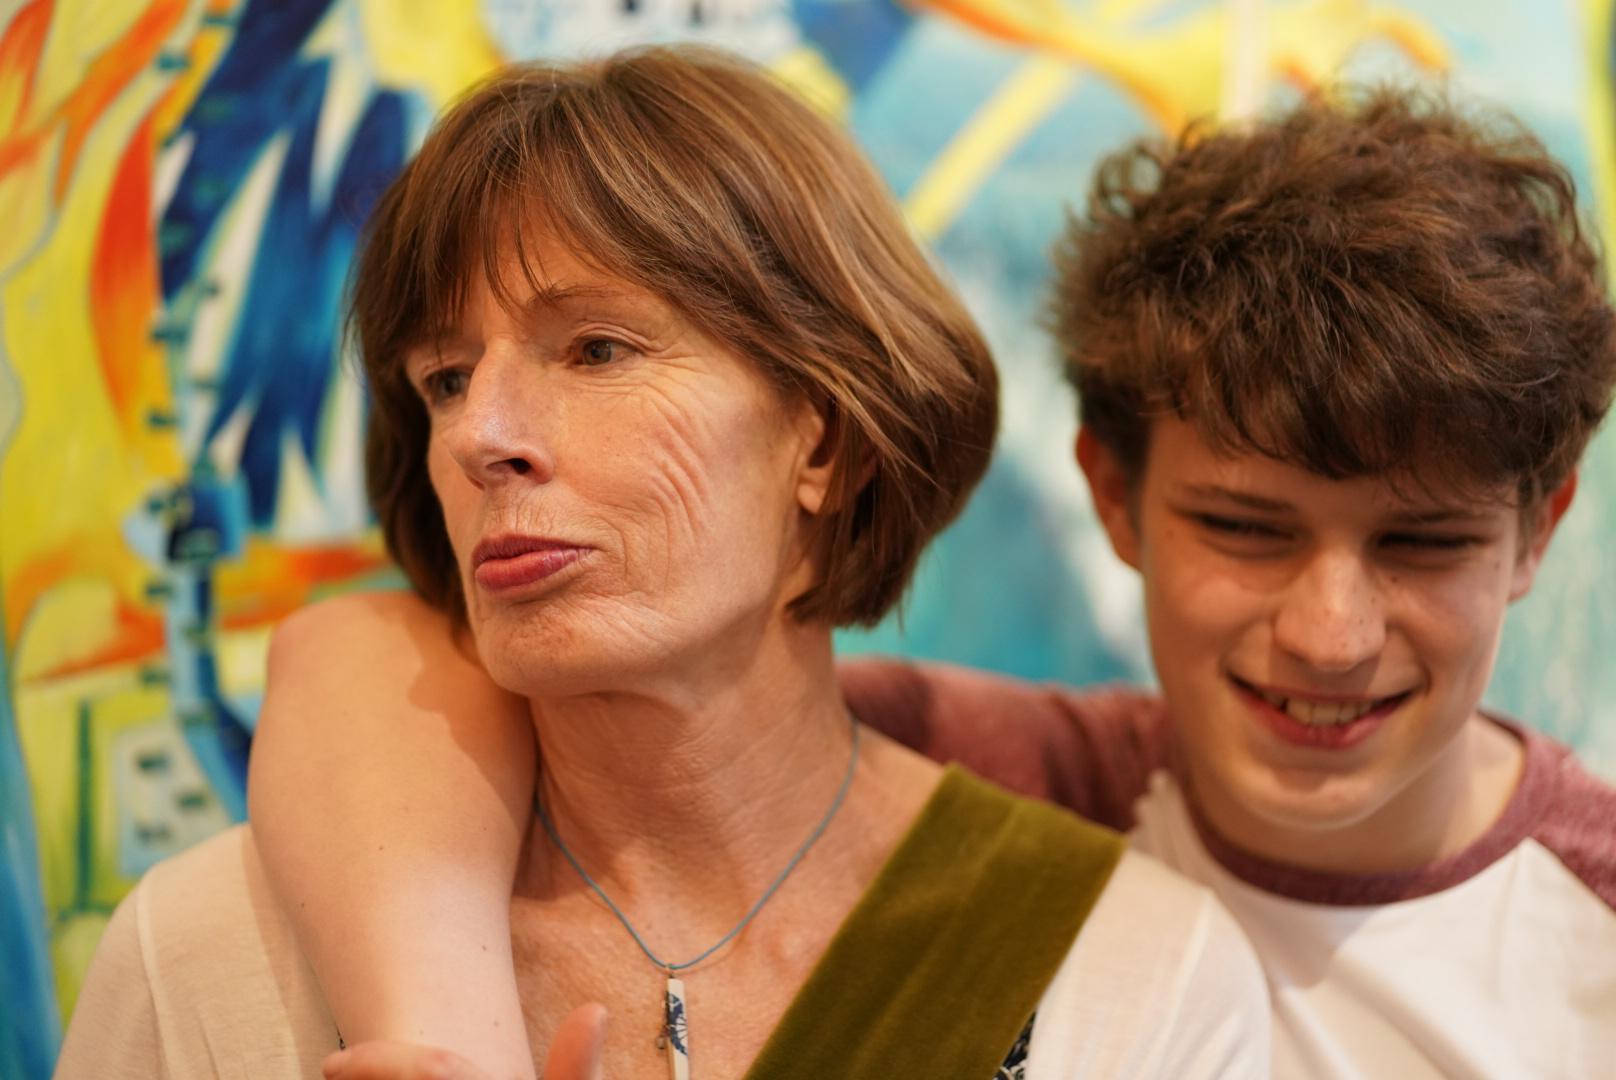 My mum Annie and son Drew